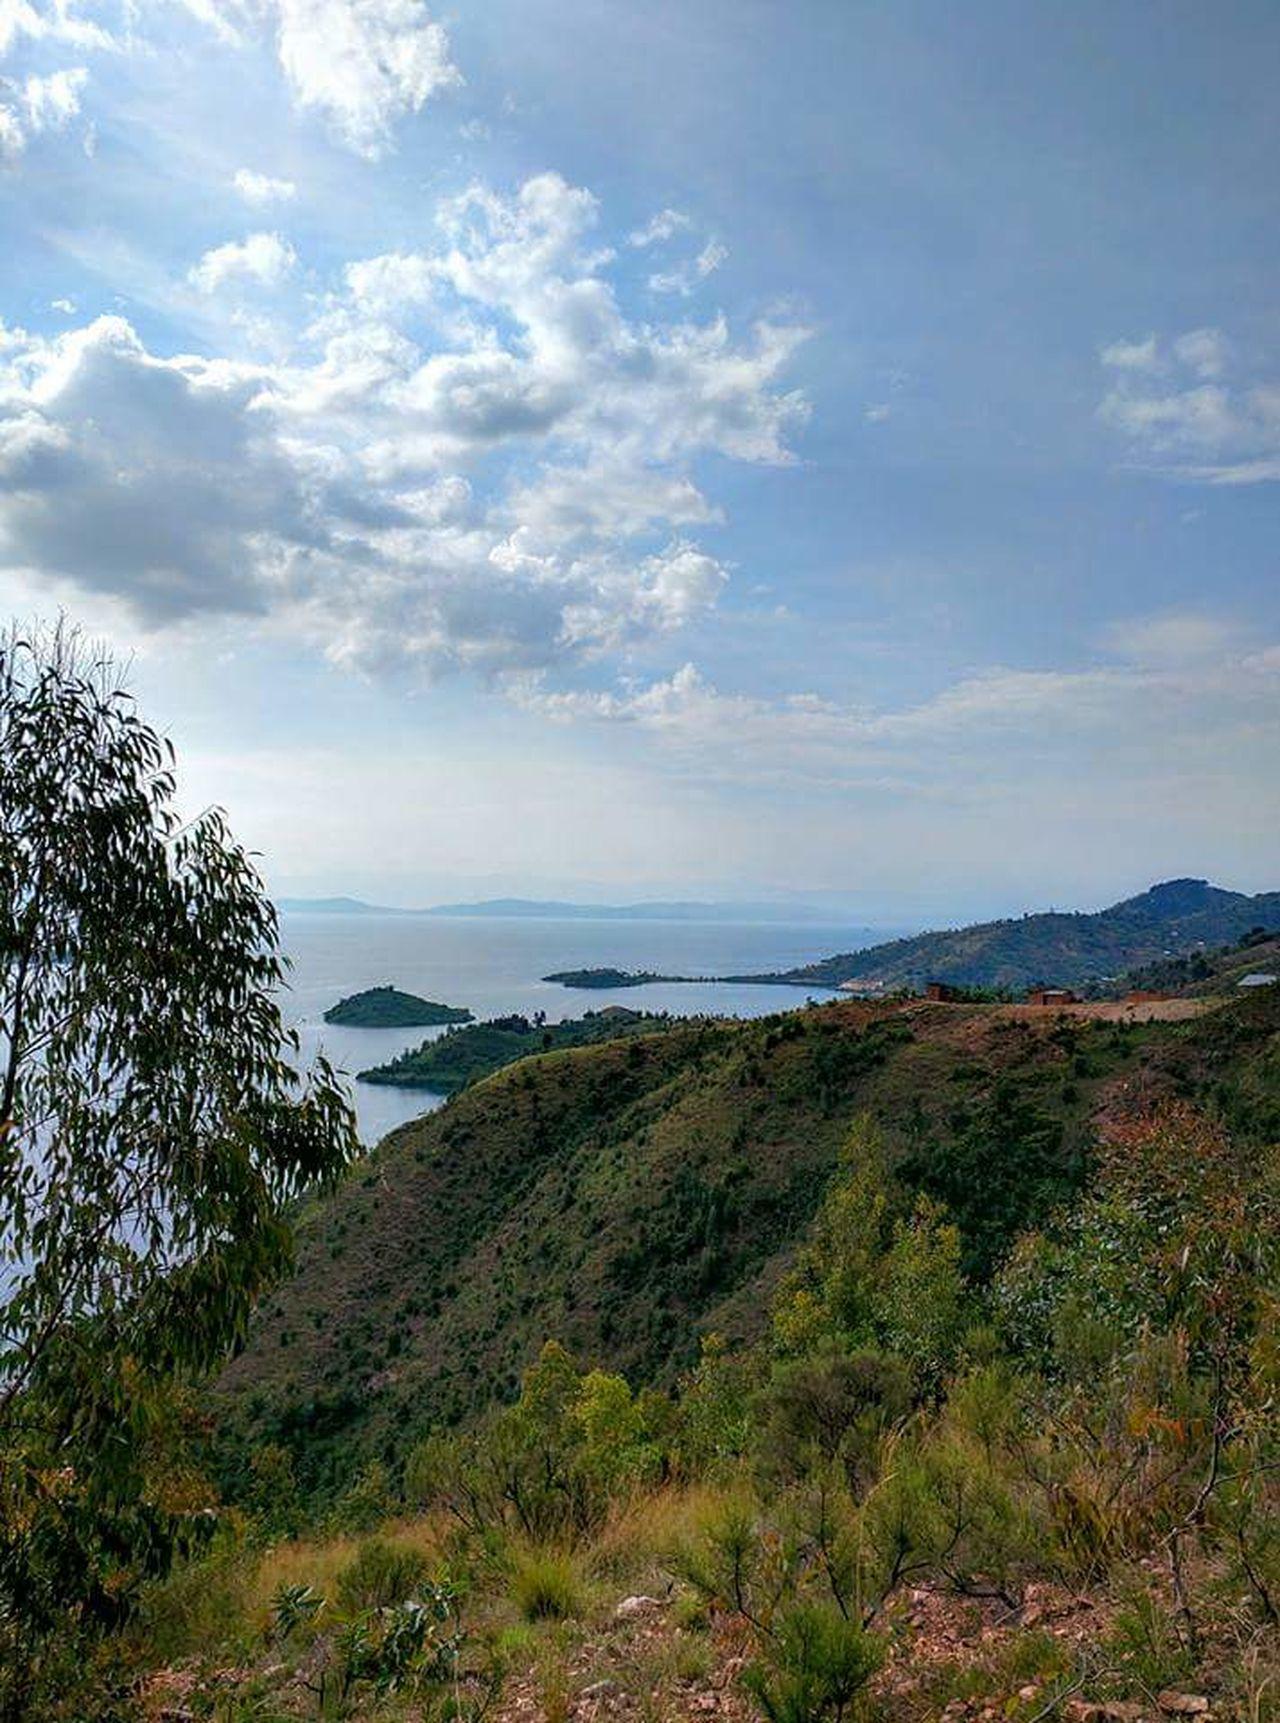 Rwanda Lake Africa Landscape Travel Photography Traveling The World Travel Lake Kivu